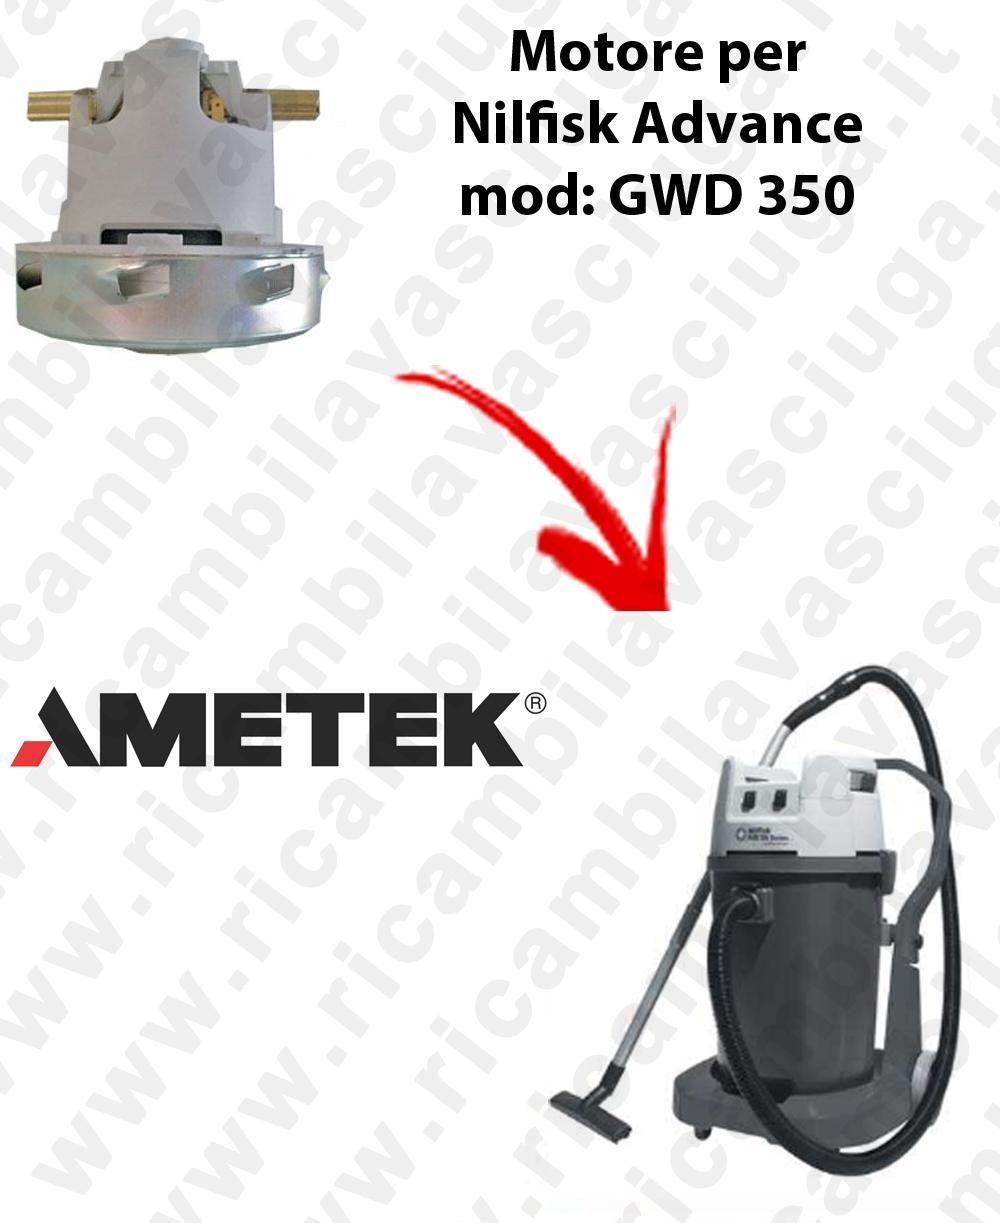 GWD 350 Saugmotor AMETEK für Staubsauger NILFISK ADVANCE